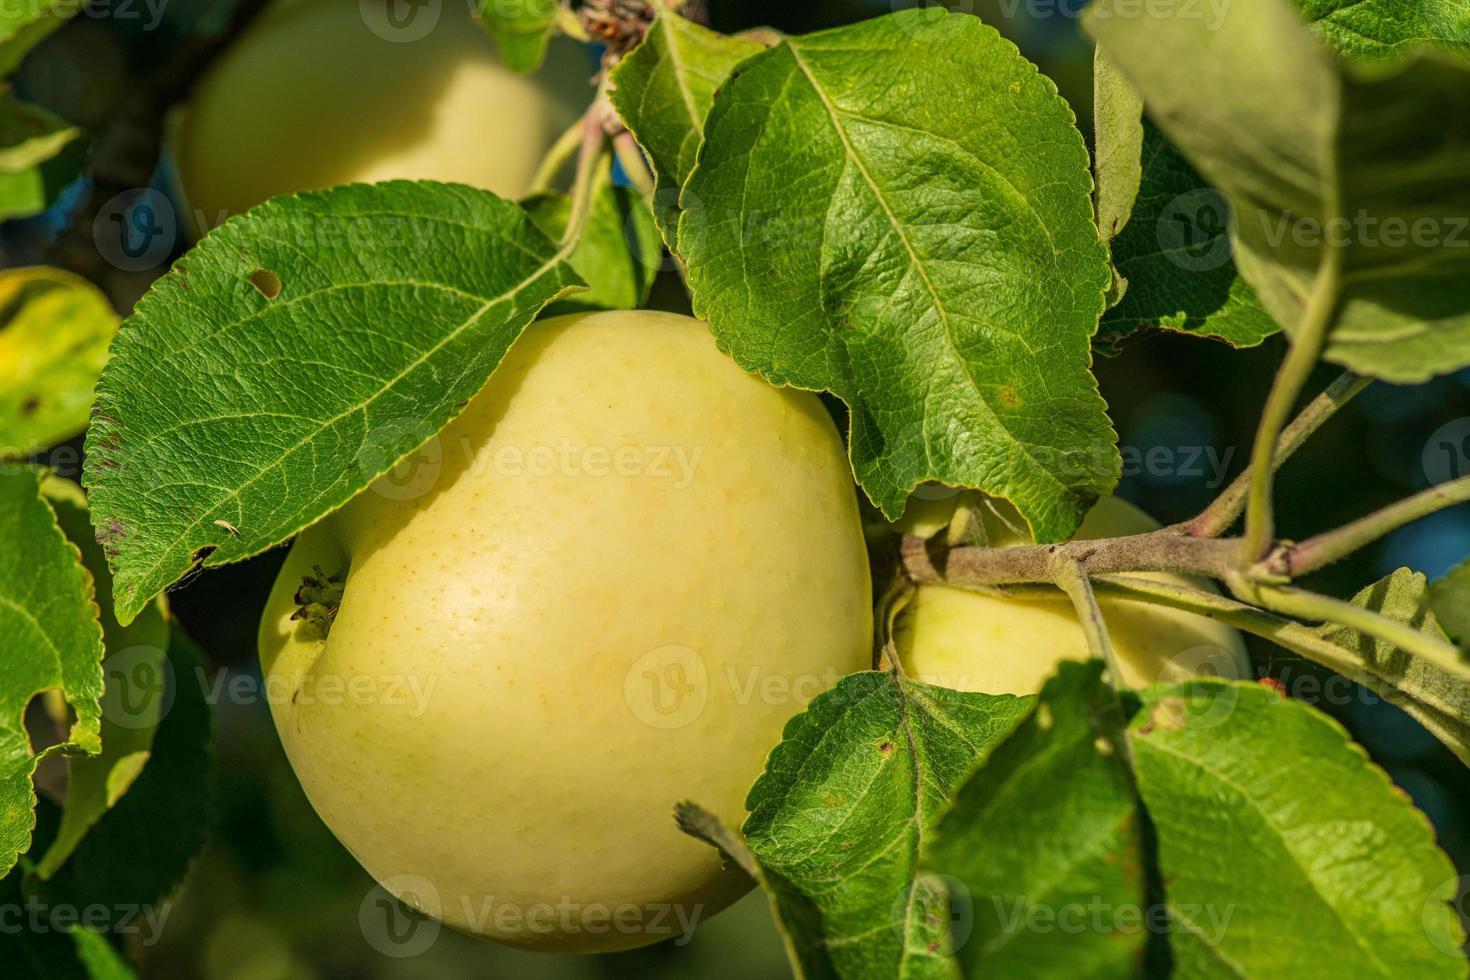 primo piano di una mela gialla che cresce su un albero foto